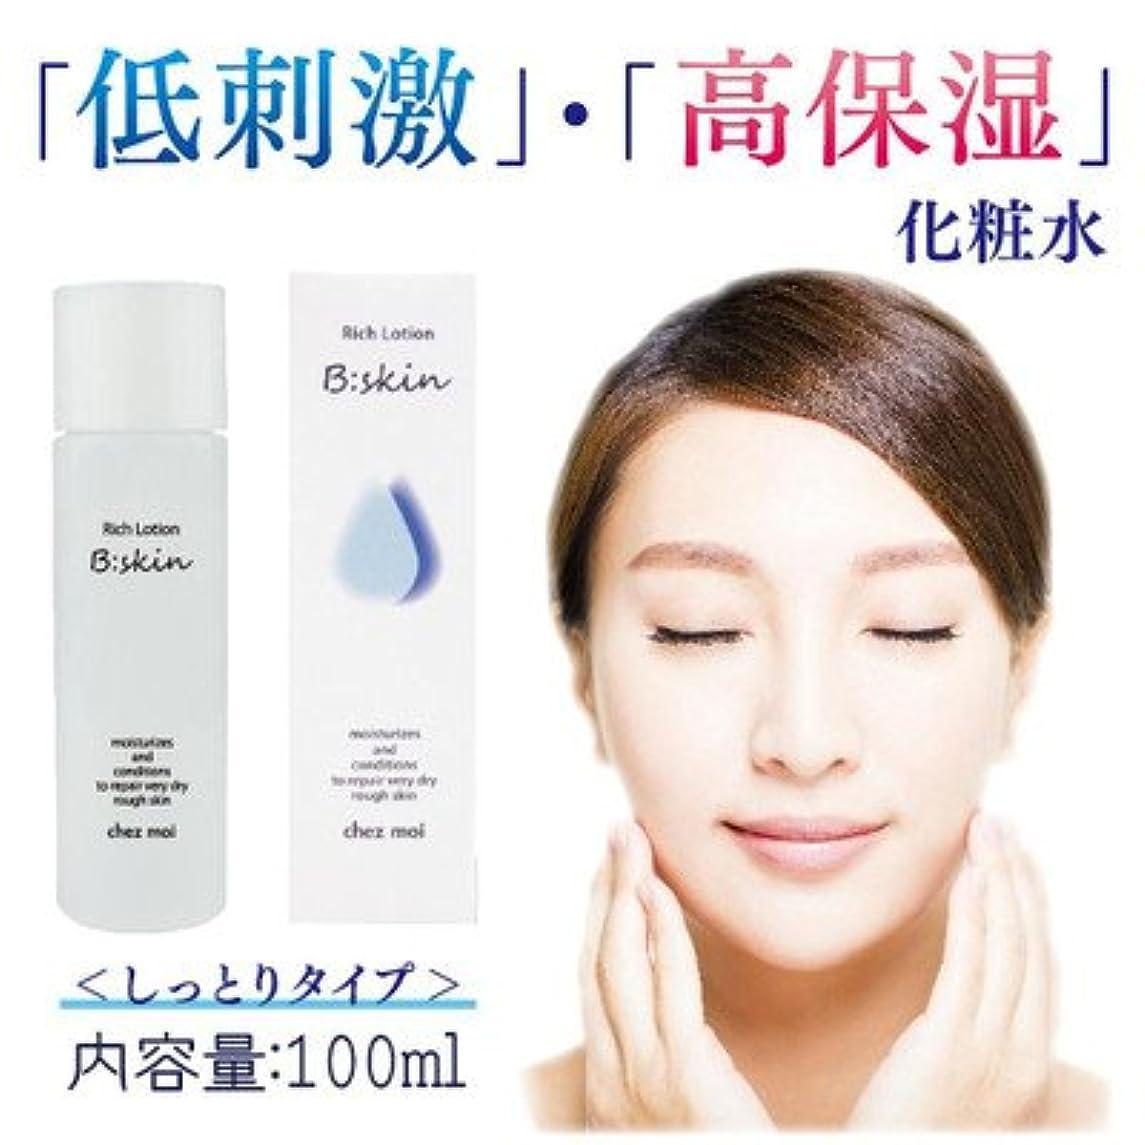 弱める考案する忌避剤低刺激 高保湿 しっとりタイプの化粧水 B:skin ビースキン Rich Lotion リッチローション しっとりタイプ 化粧水 100mL